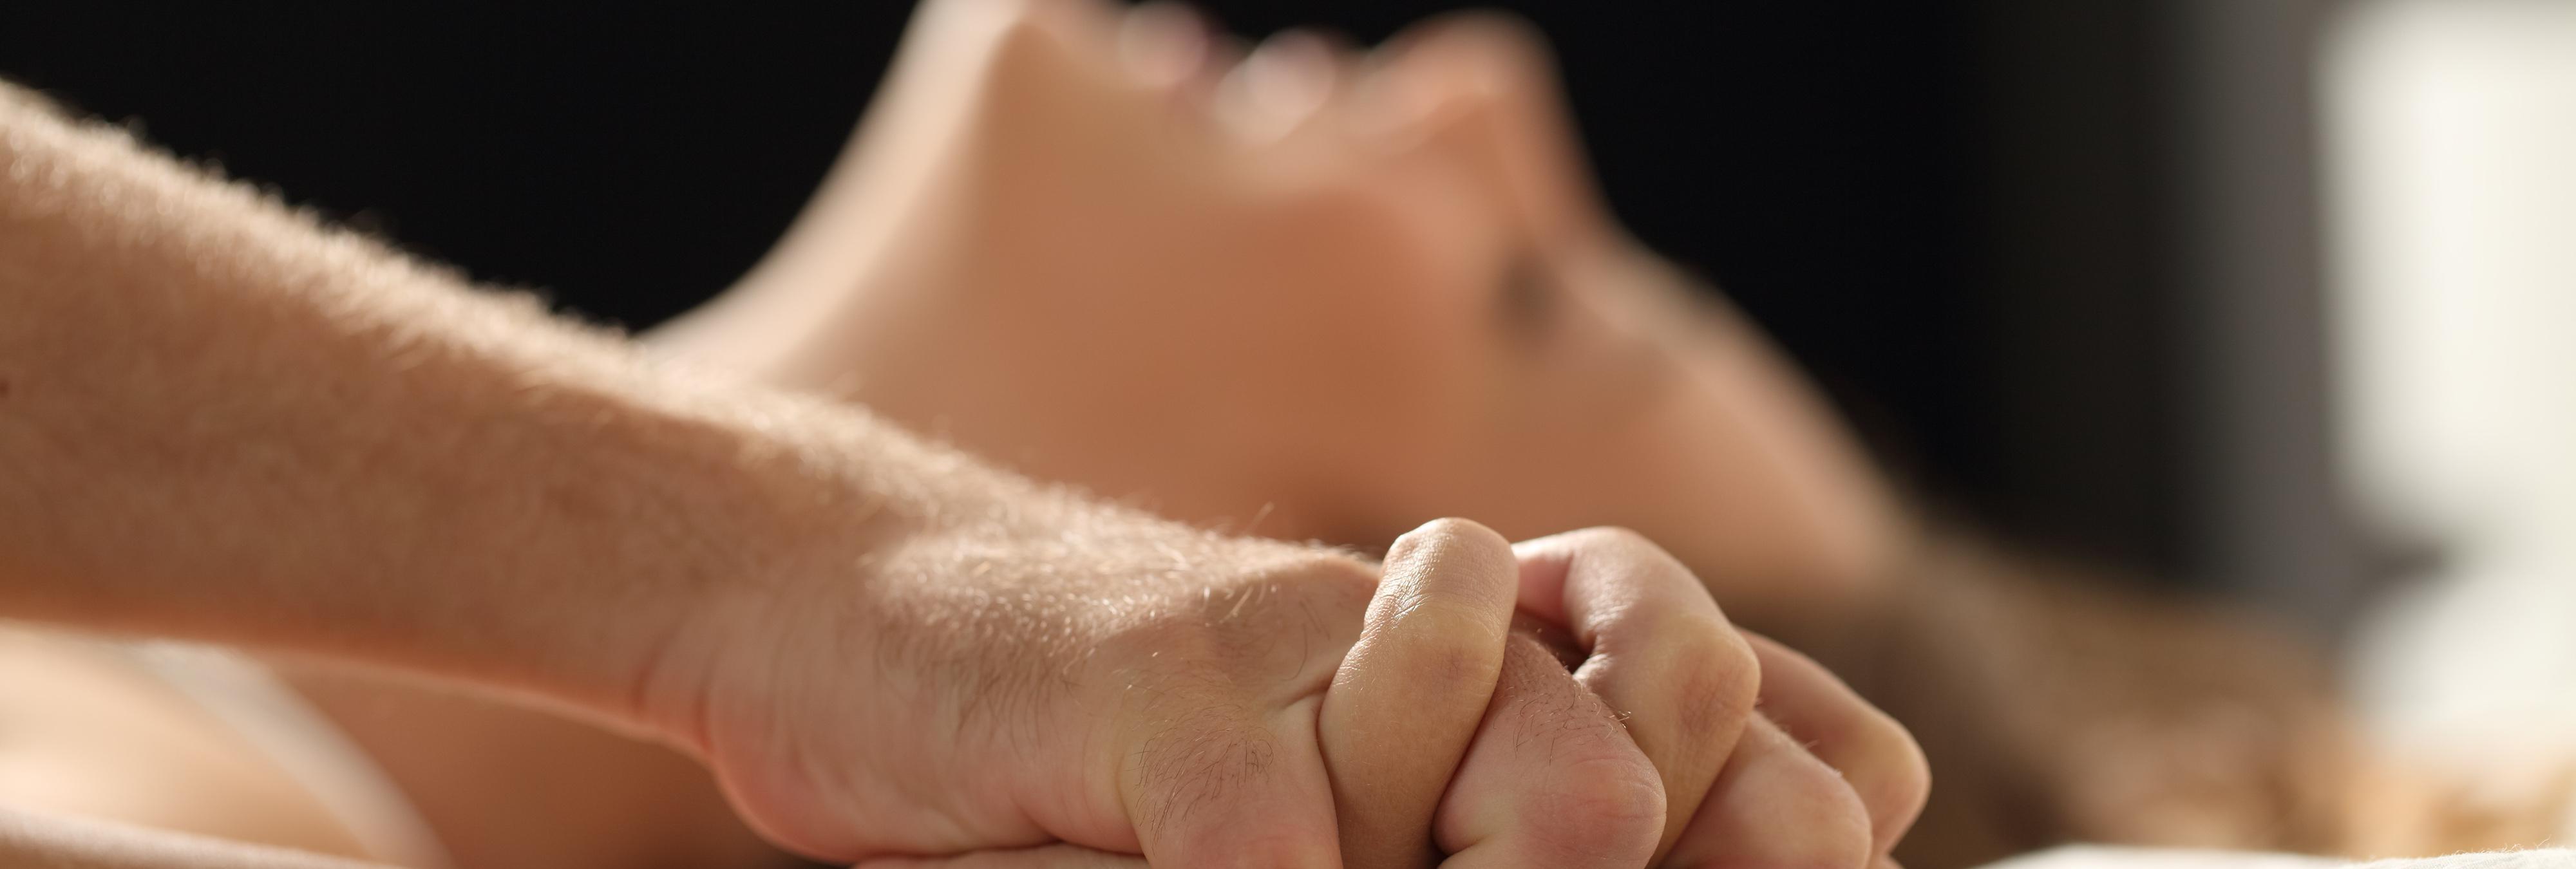 Violaciones, falsos rodajes...: actrices y actores porno denuncian las condiciones de la industria